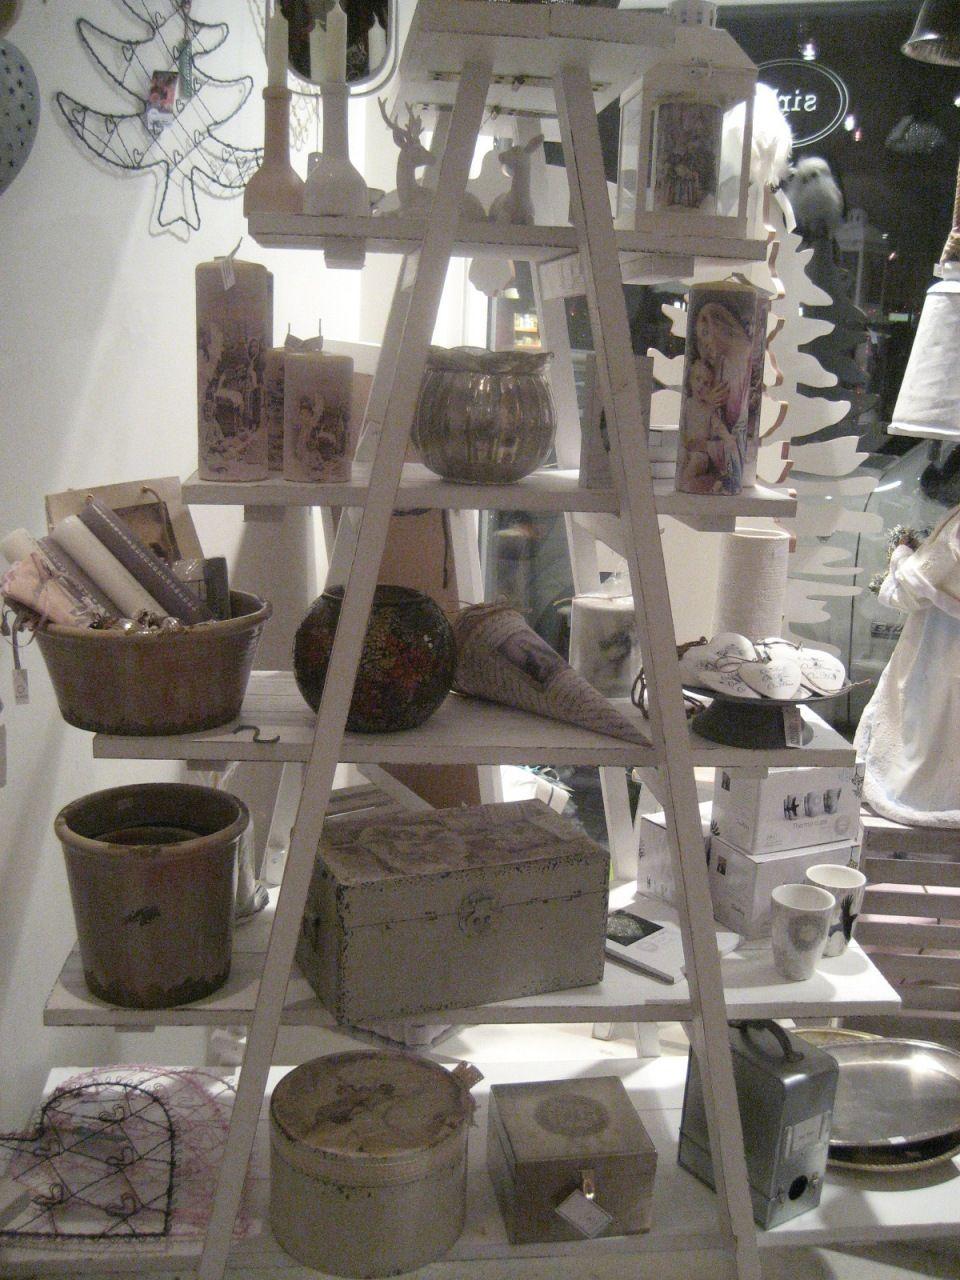 Like this shelf a loot!